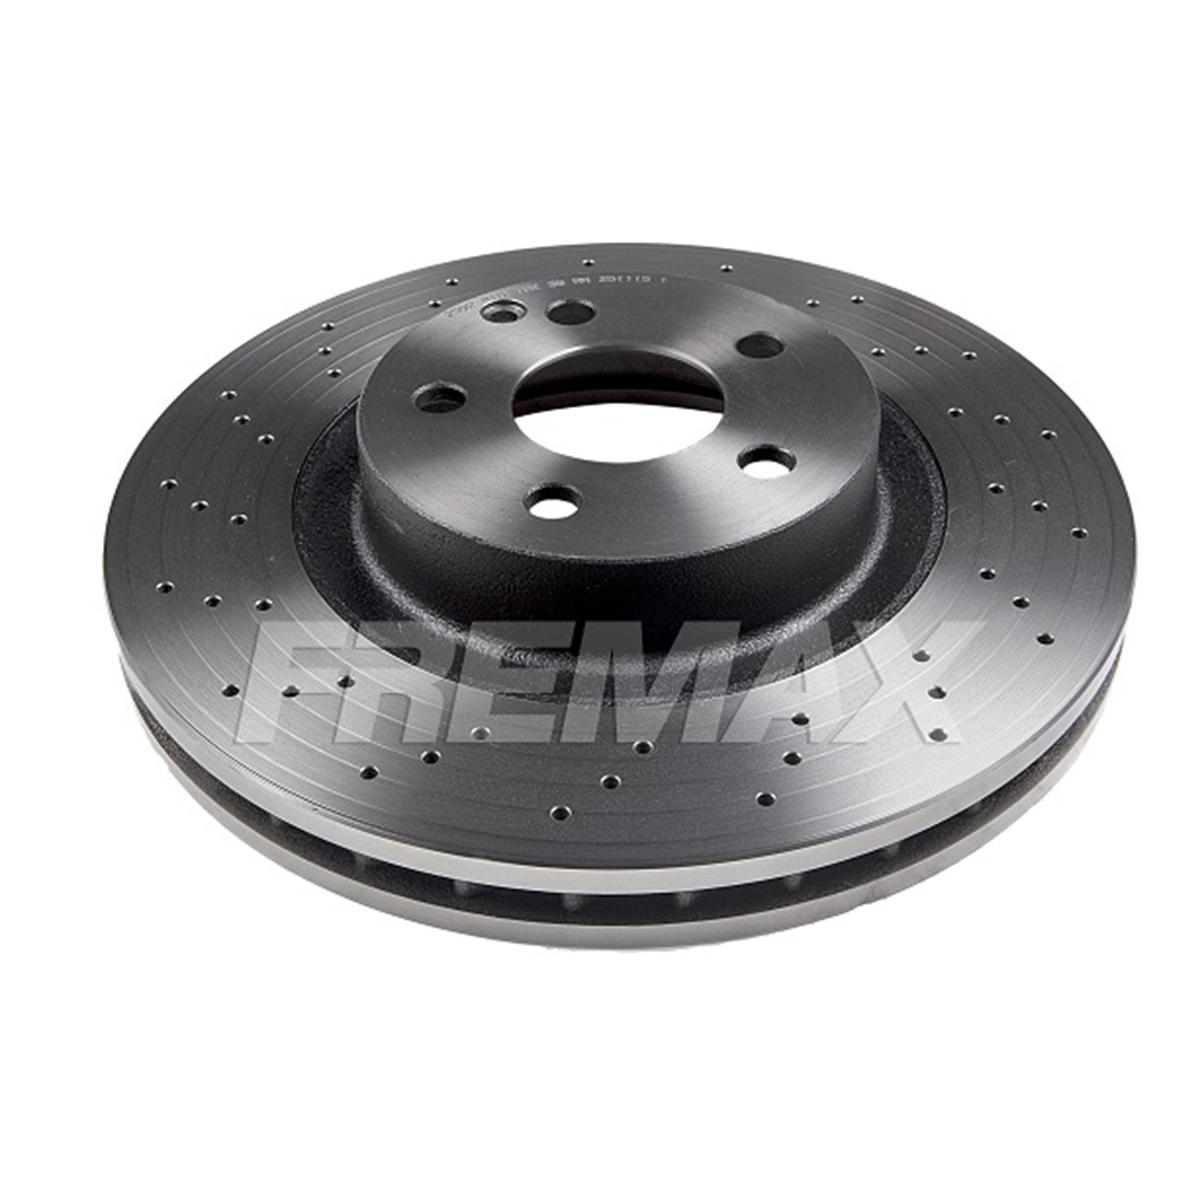 Disco de Freio FREMAX - Eixo Dianteiro - MB CLS350 CLS500 / E350 / E500 / GLK280, 300 / SL350 / SL500 - BD2592 (Ventilado e Sem Cubo)